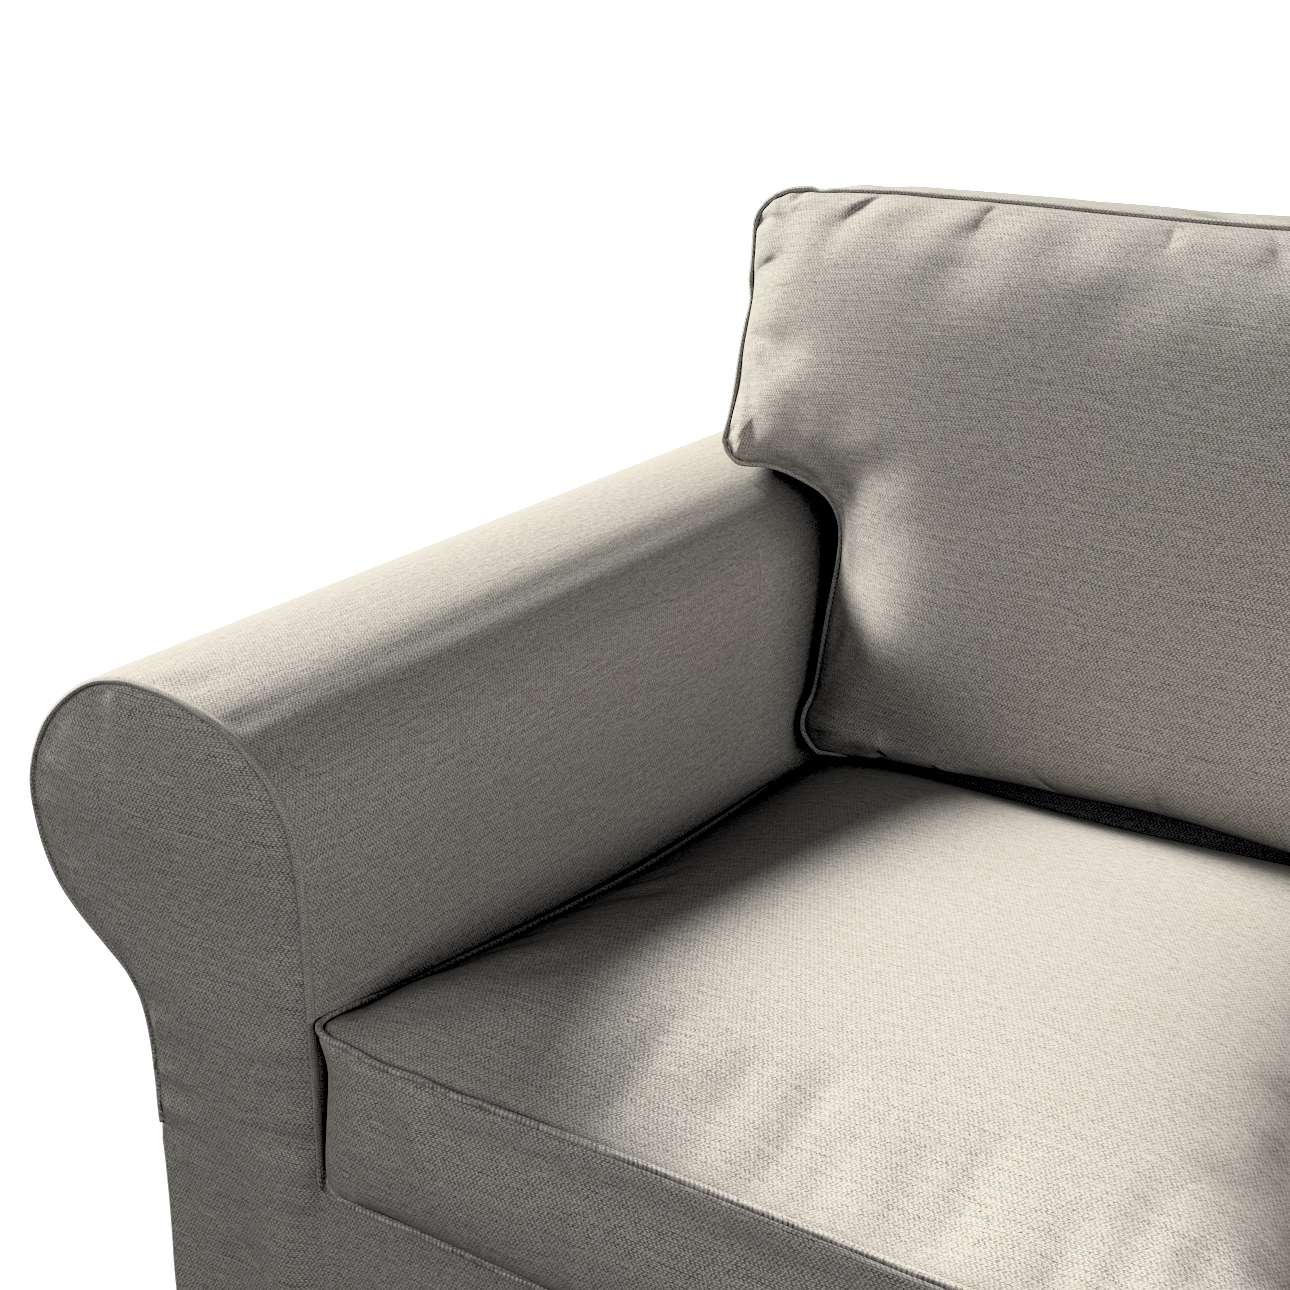 Bezug für Ektorp 2-Sitzer Sofa nicht ausklappbar von der Kollektion Madrid, Stoff: 161-91